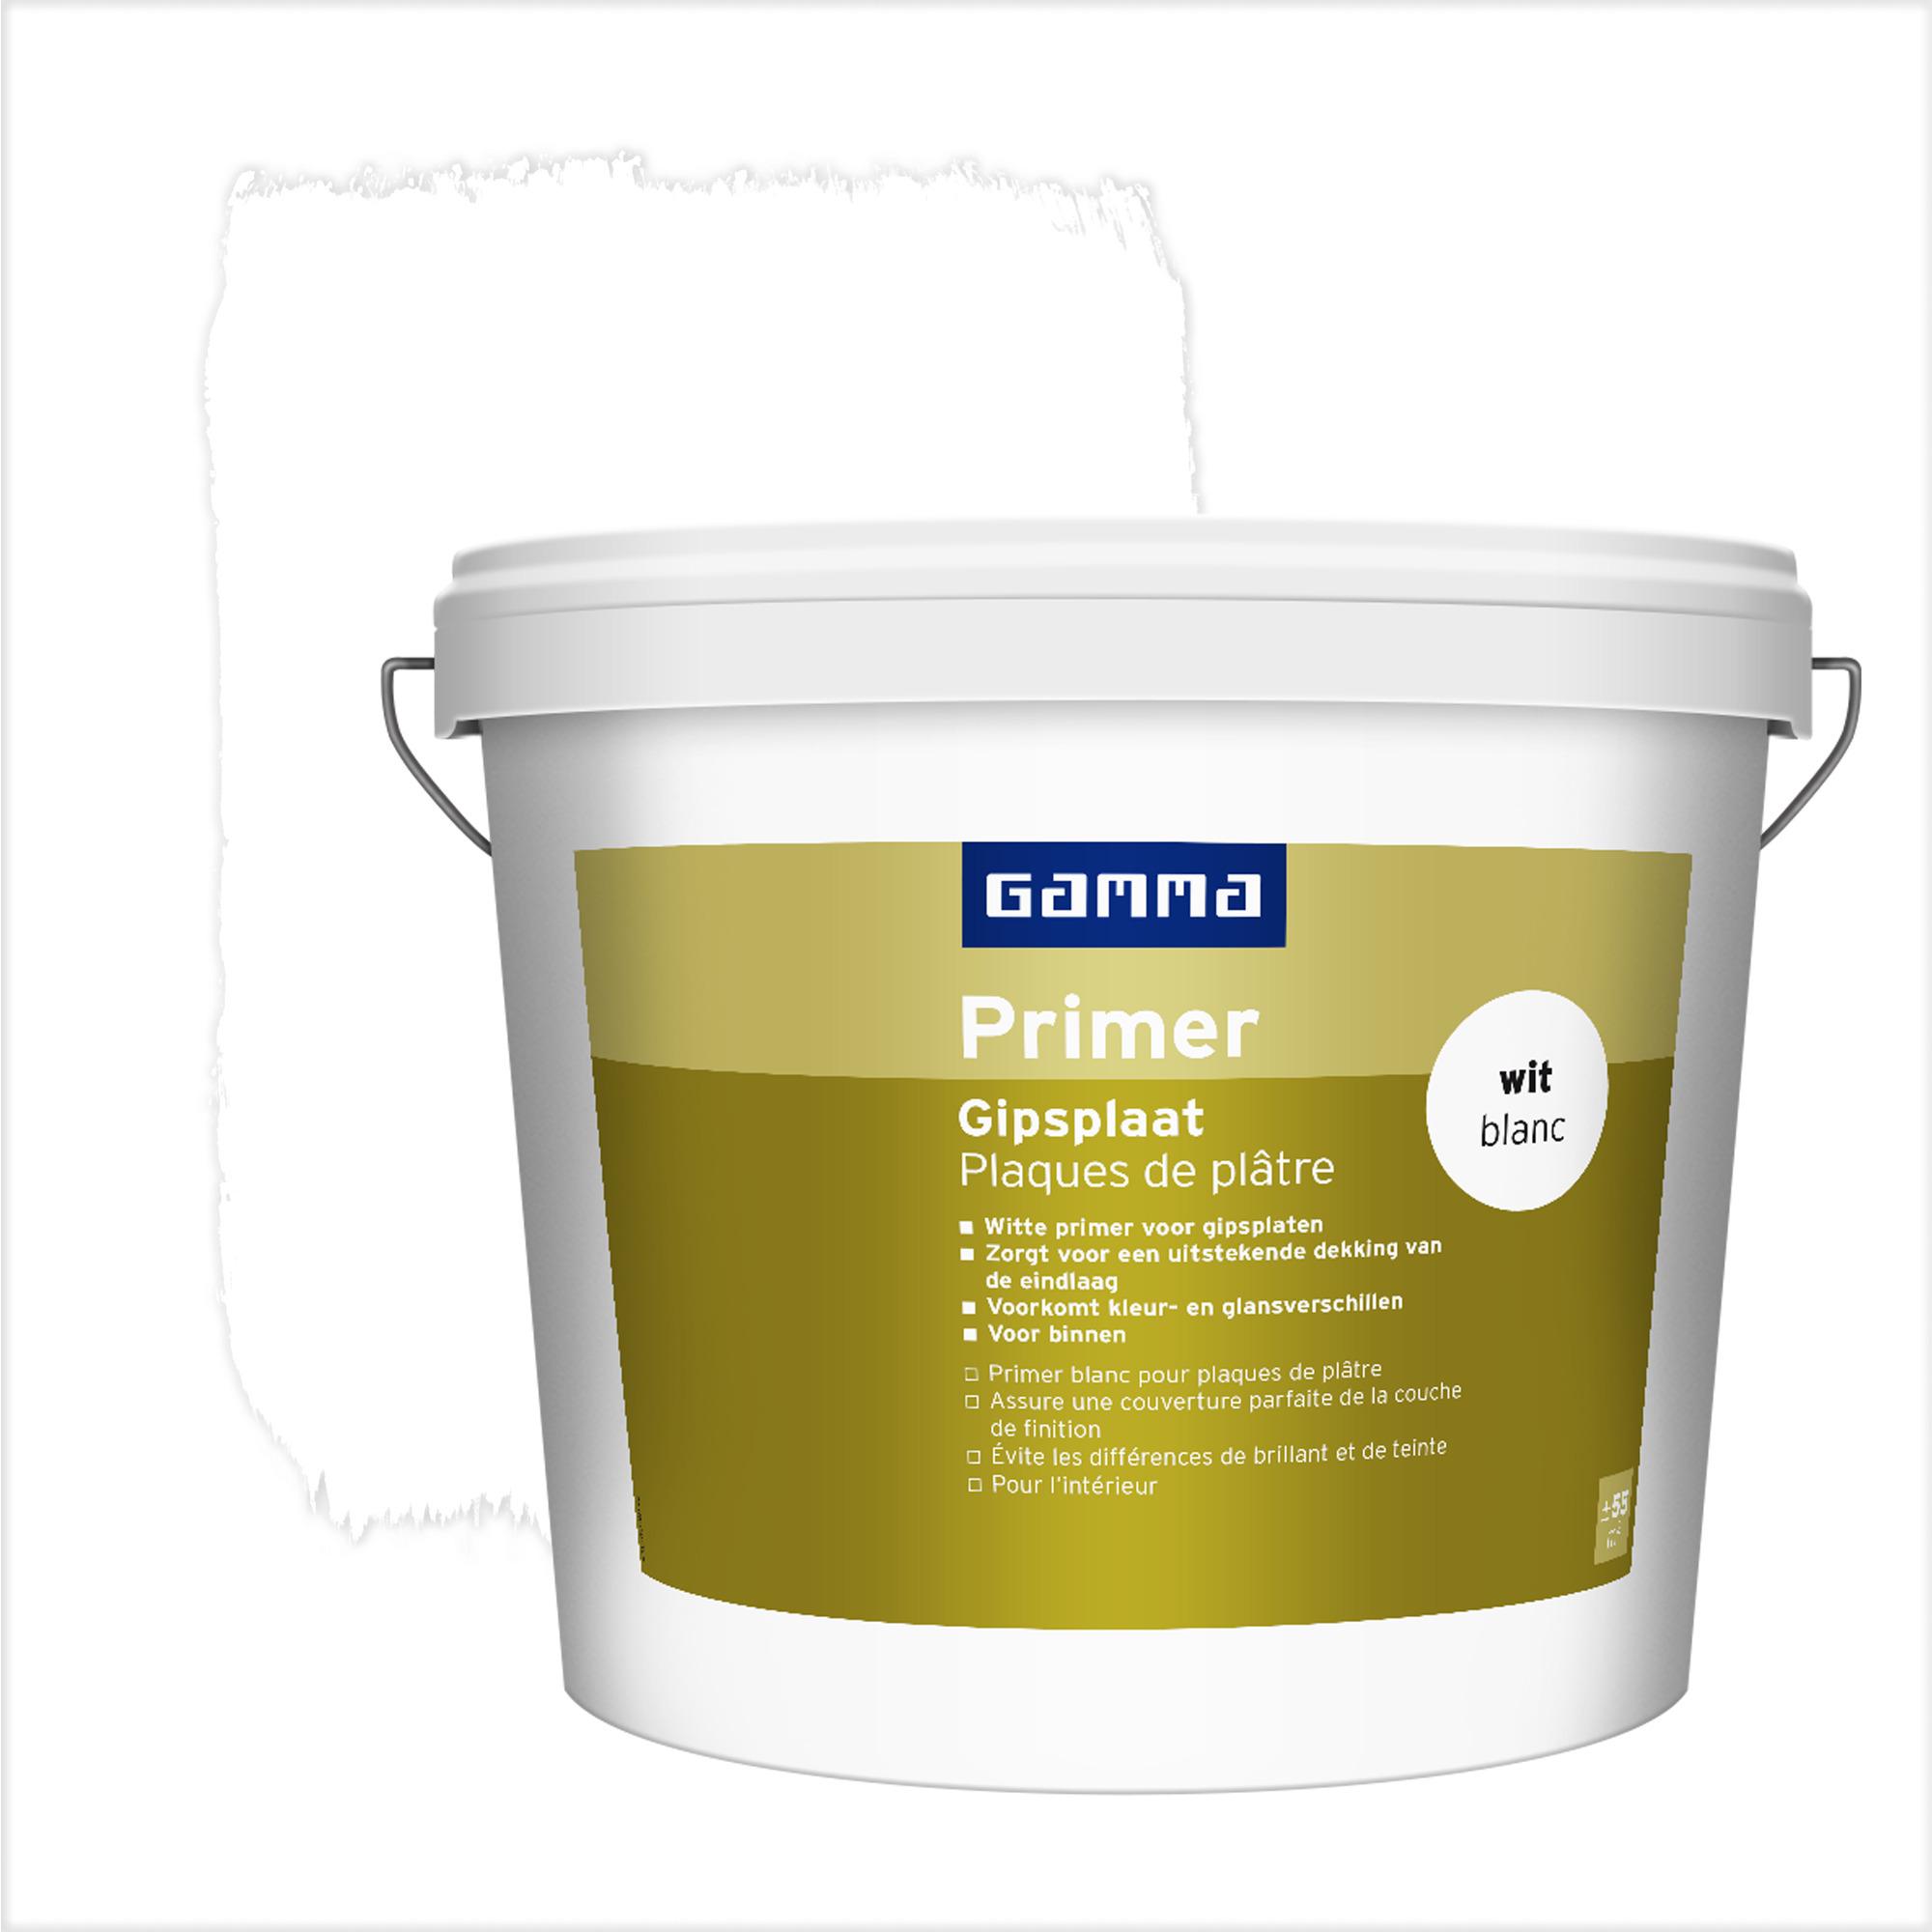 Primer pour plaques de pl tre gamma blanc 5 l primers for Peinture plaque de platre